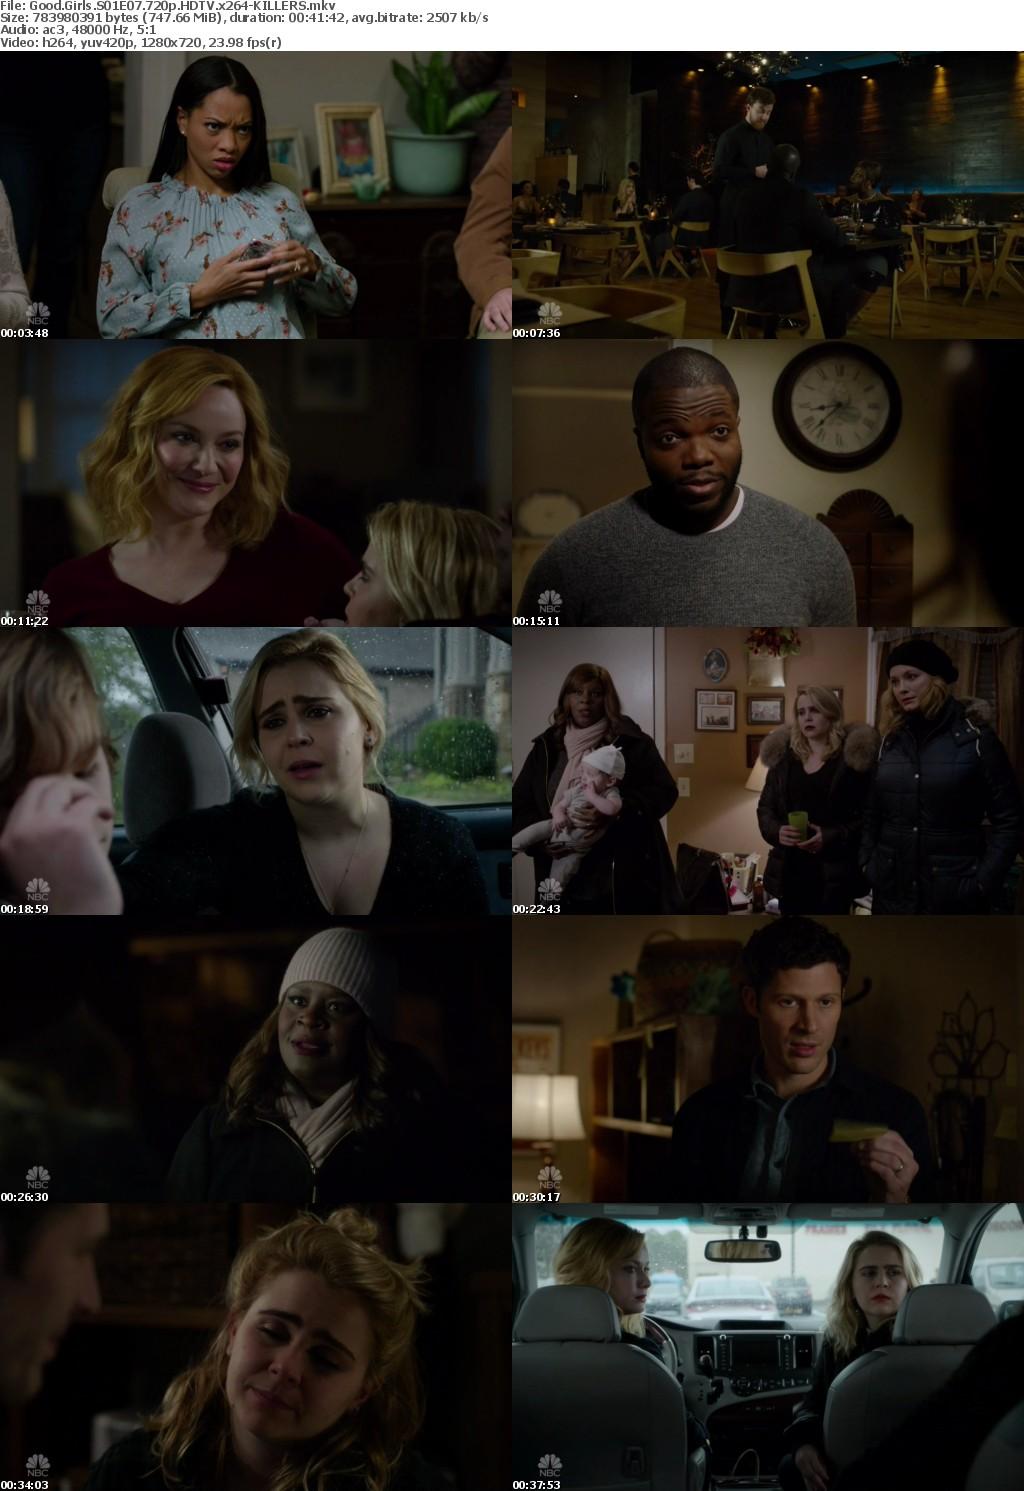 Good Girls S01E07 720p HDTV x264-KILLERS